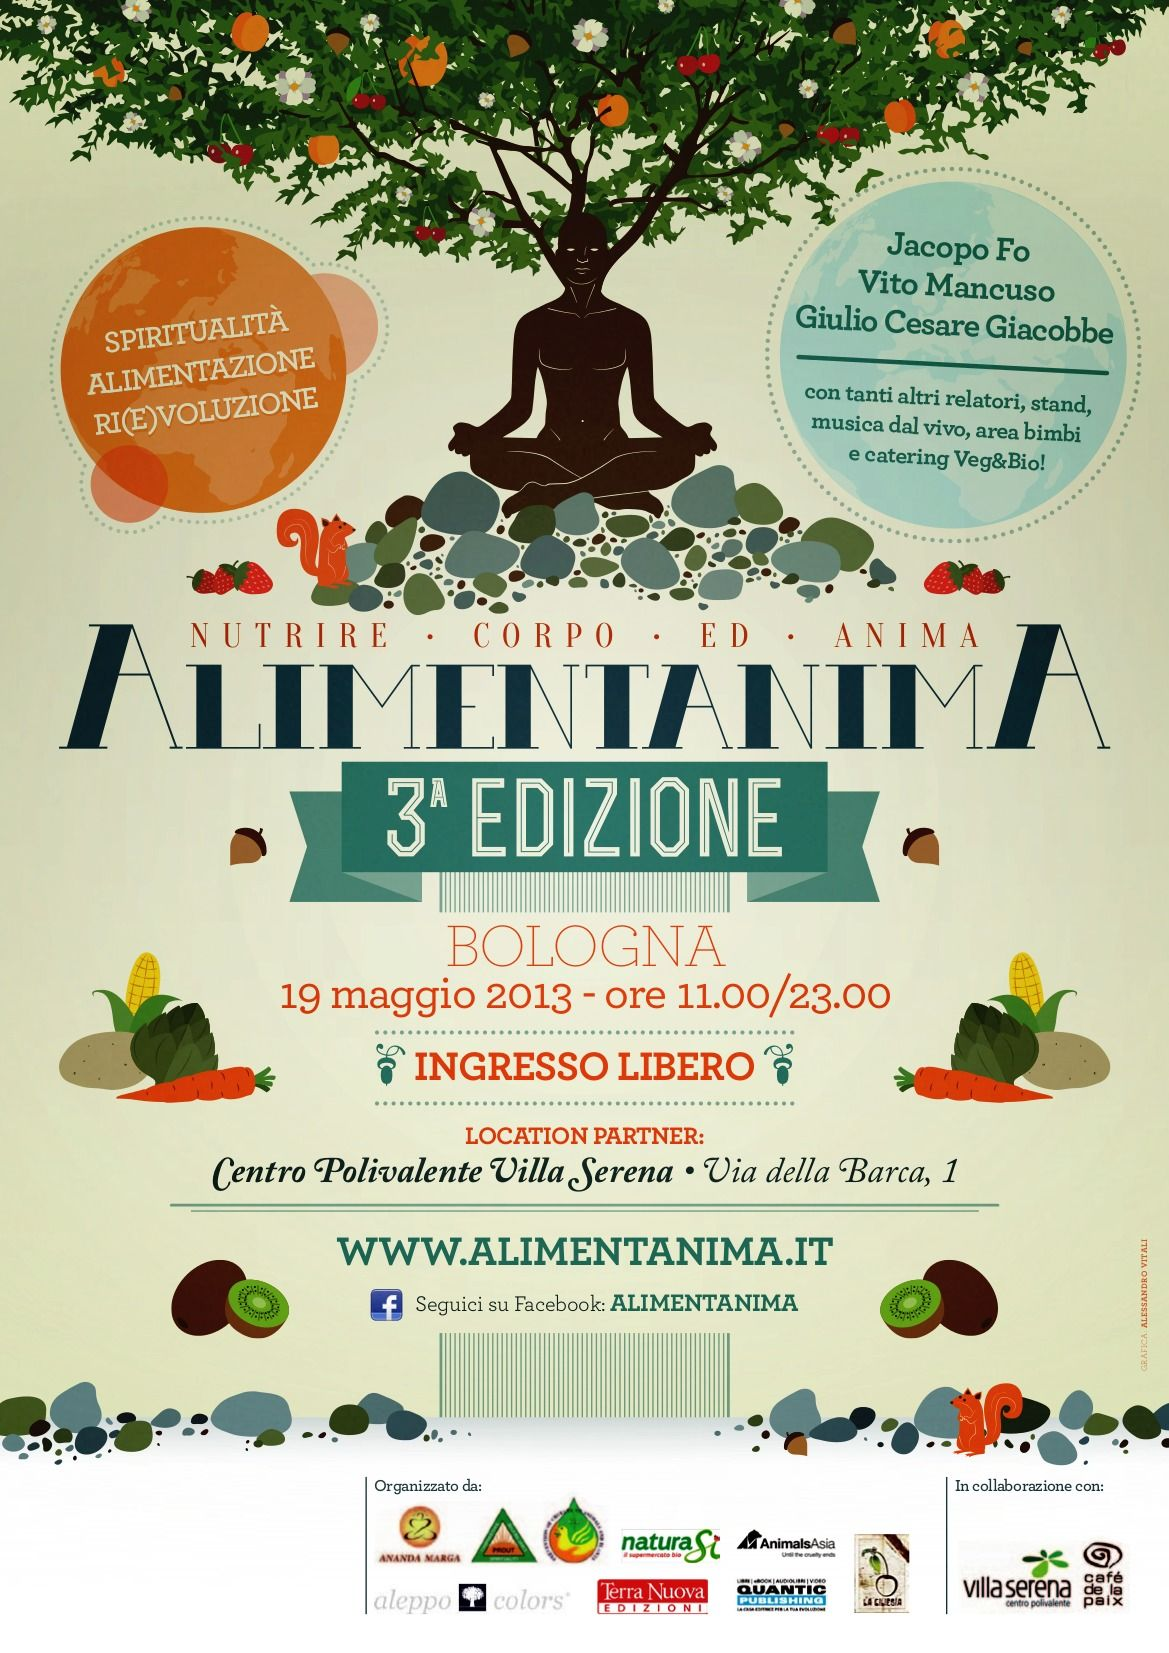 ALIMENTANIMA 2013 Accademia Gnostica Bologna Bologna